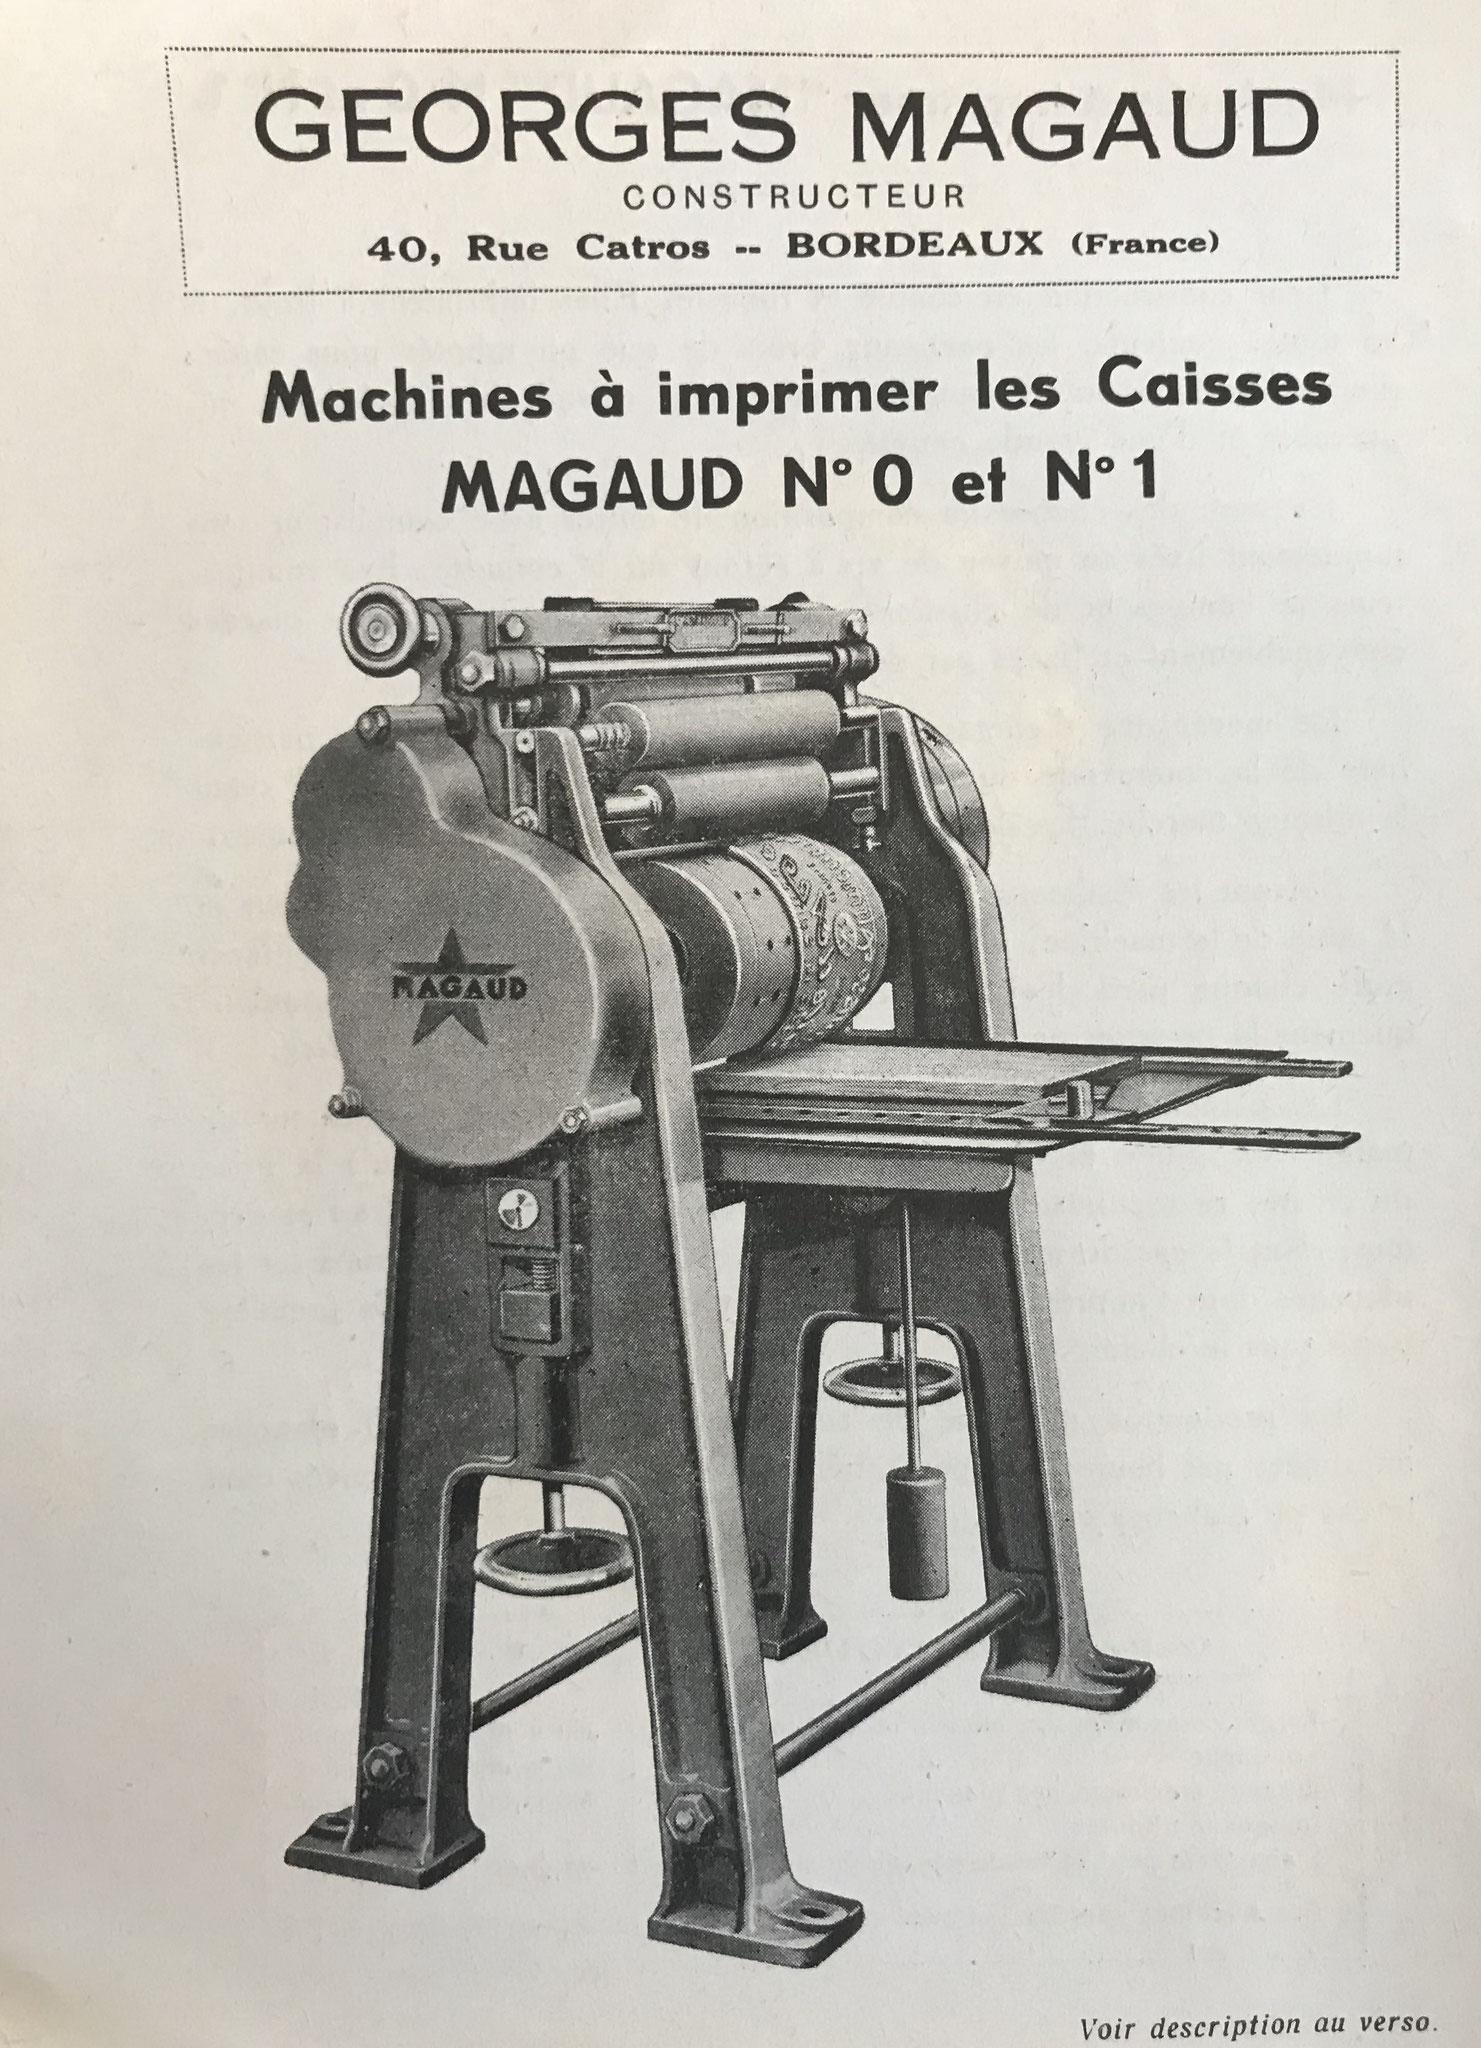 Imprimeuse Magaud des années 1940